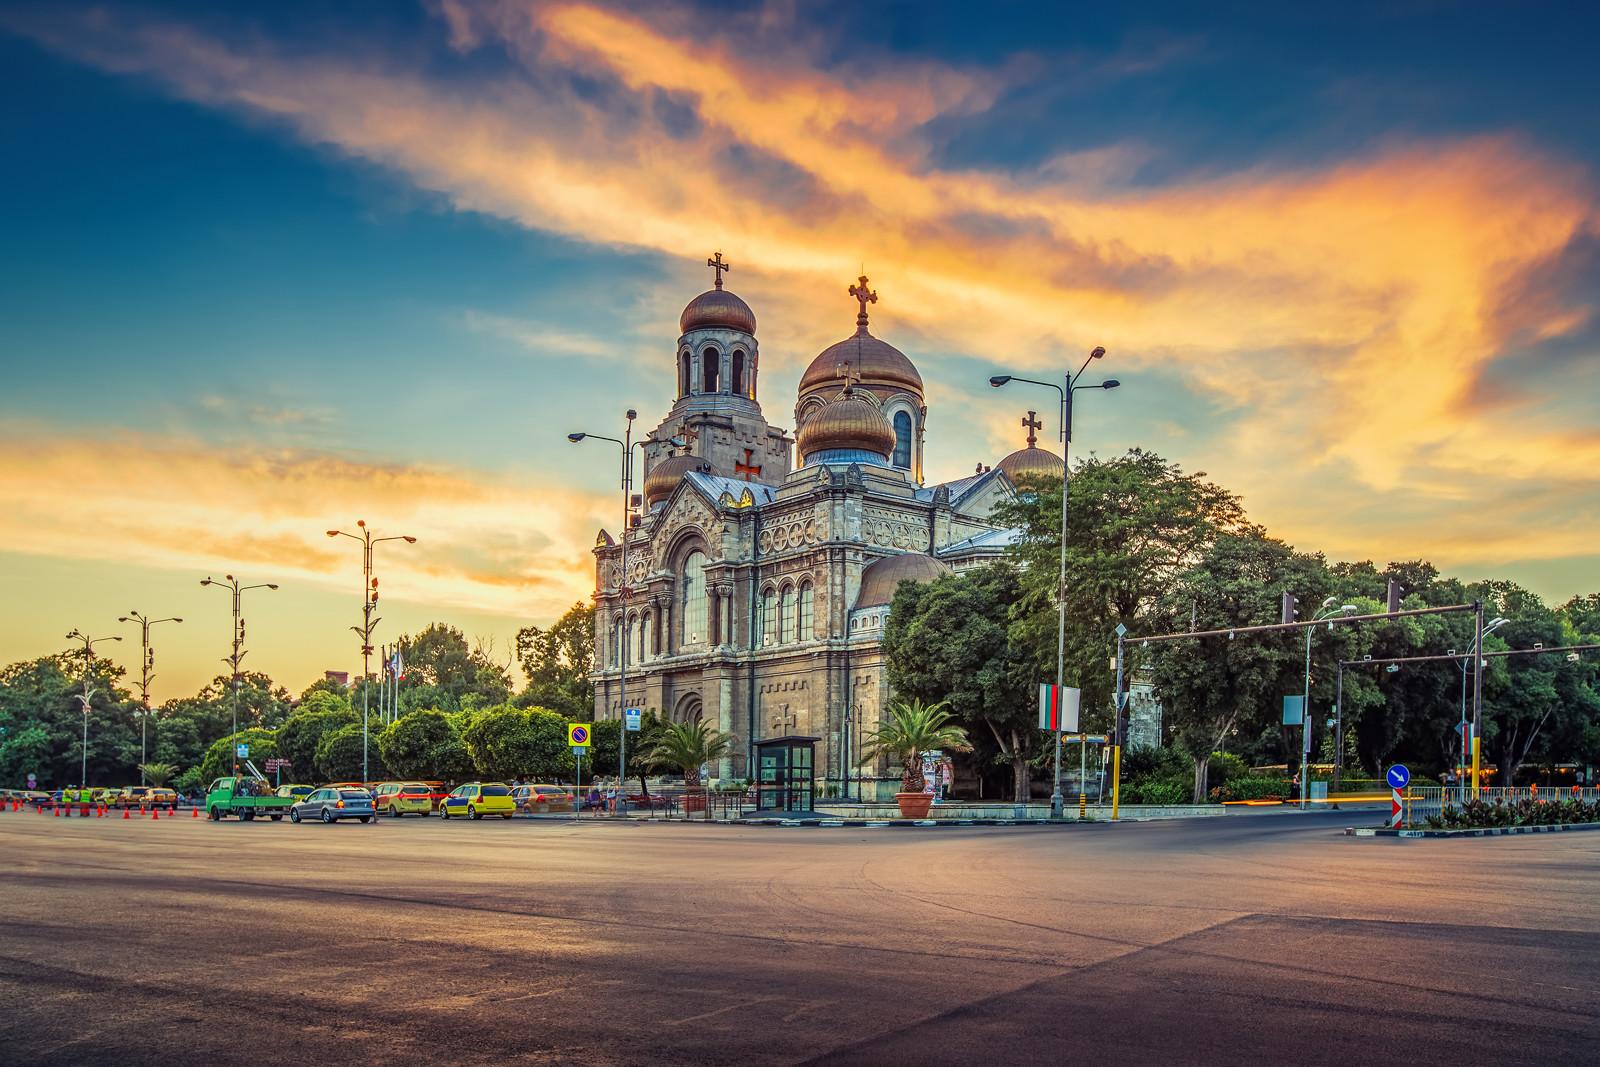 Doświadczenie w Warnie, Bułgaria według Liliya